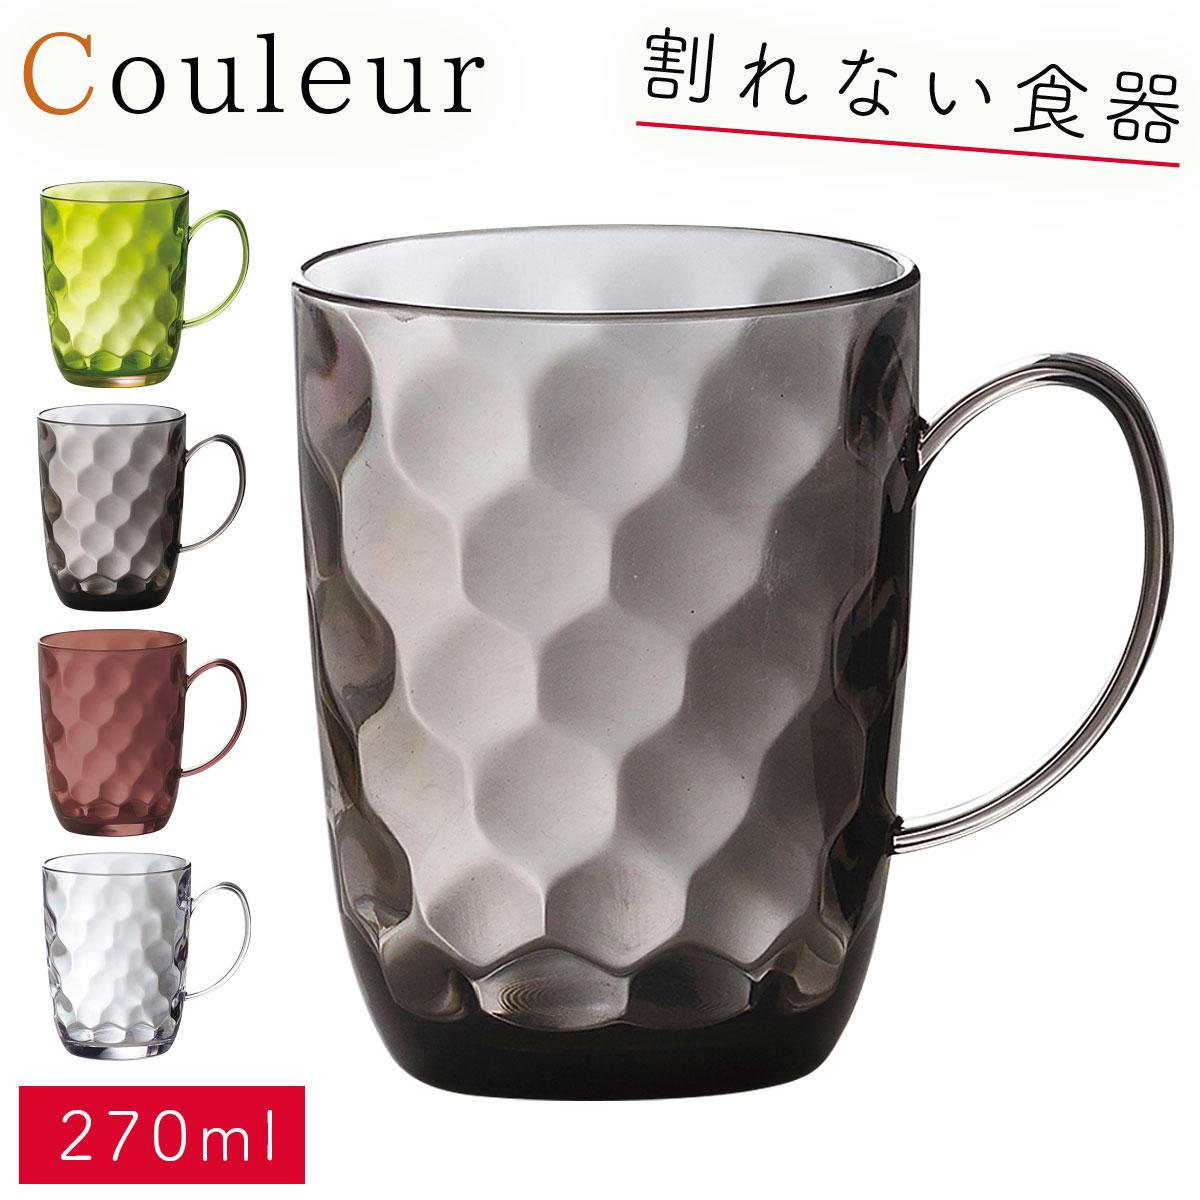 マグカップ プラスチック おしゃれ 日本製 ダイヤマグ ギフト プレゼント【RCP】 ギフト プレゼント